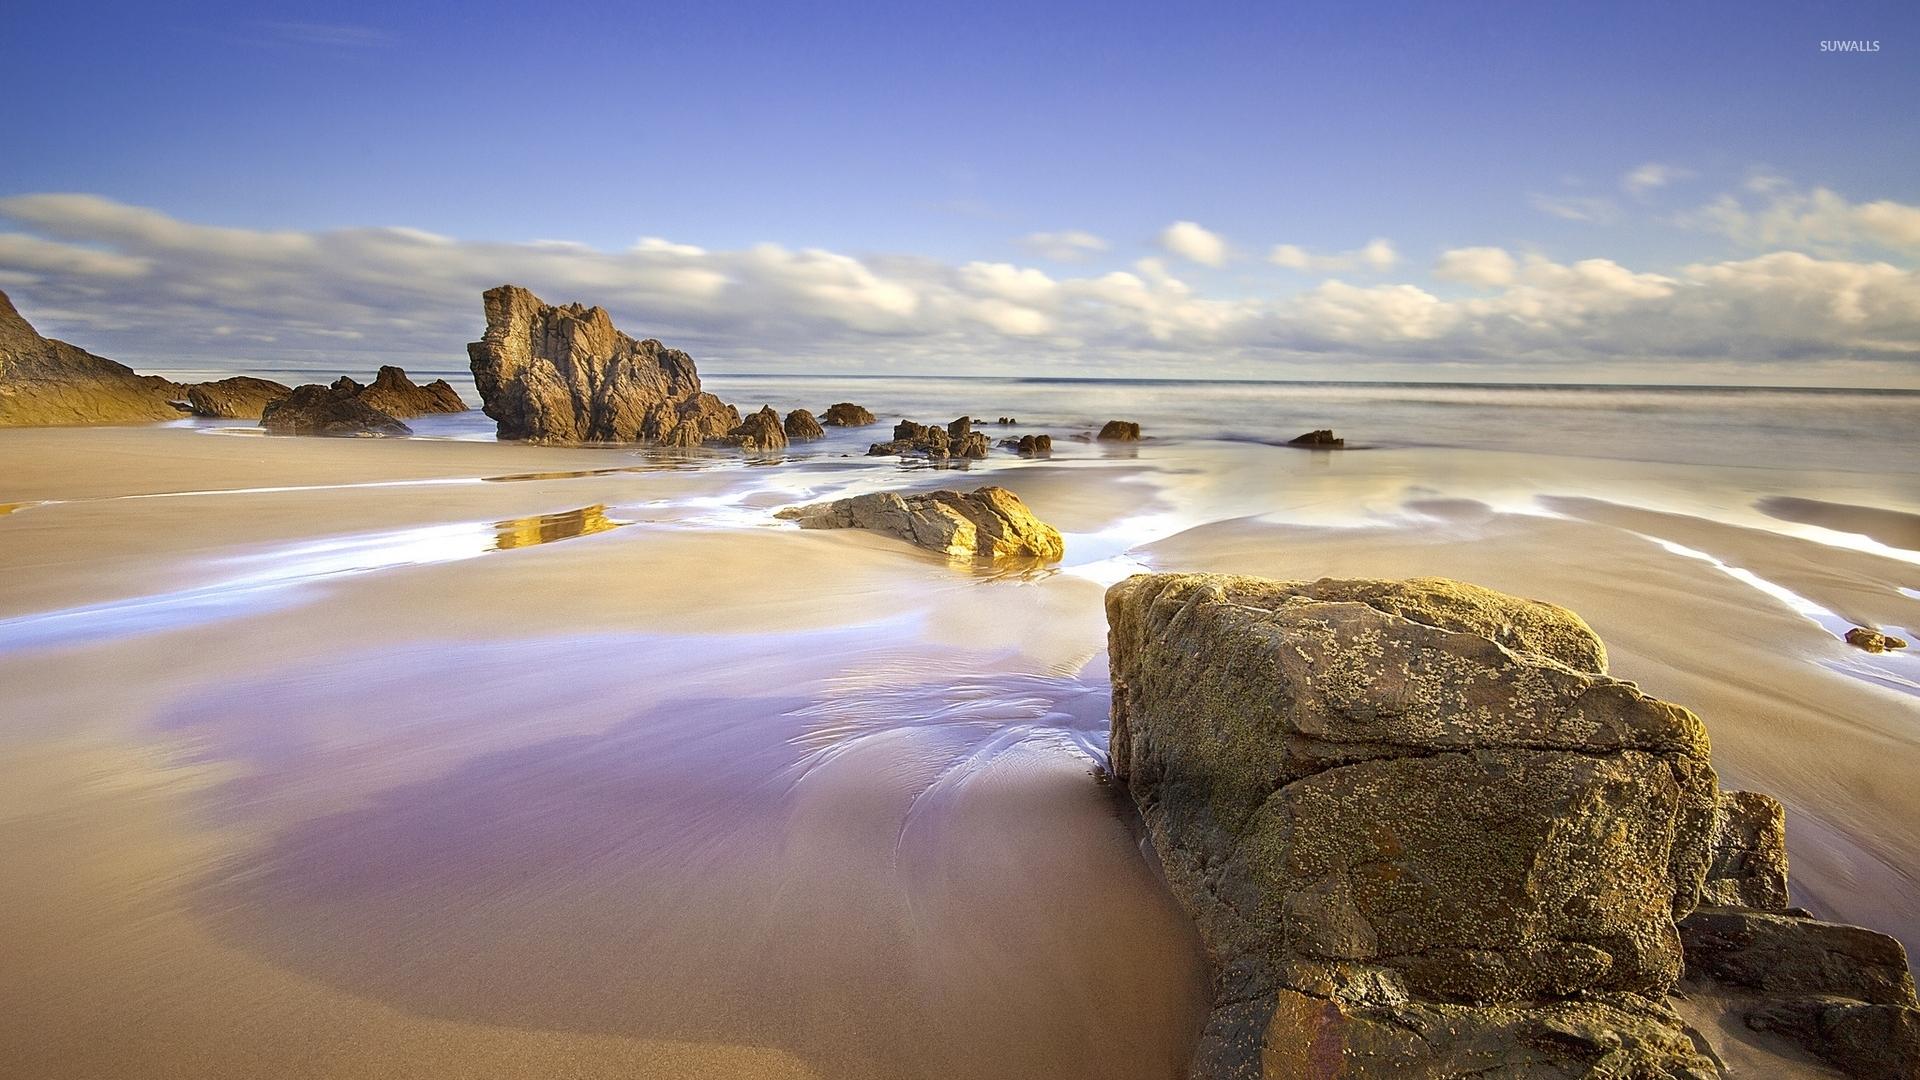 Sandy Beach Wallpaper: Rocks On A Wet Sandy Beach Wallpaper